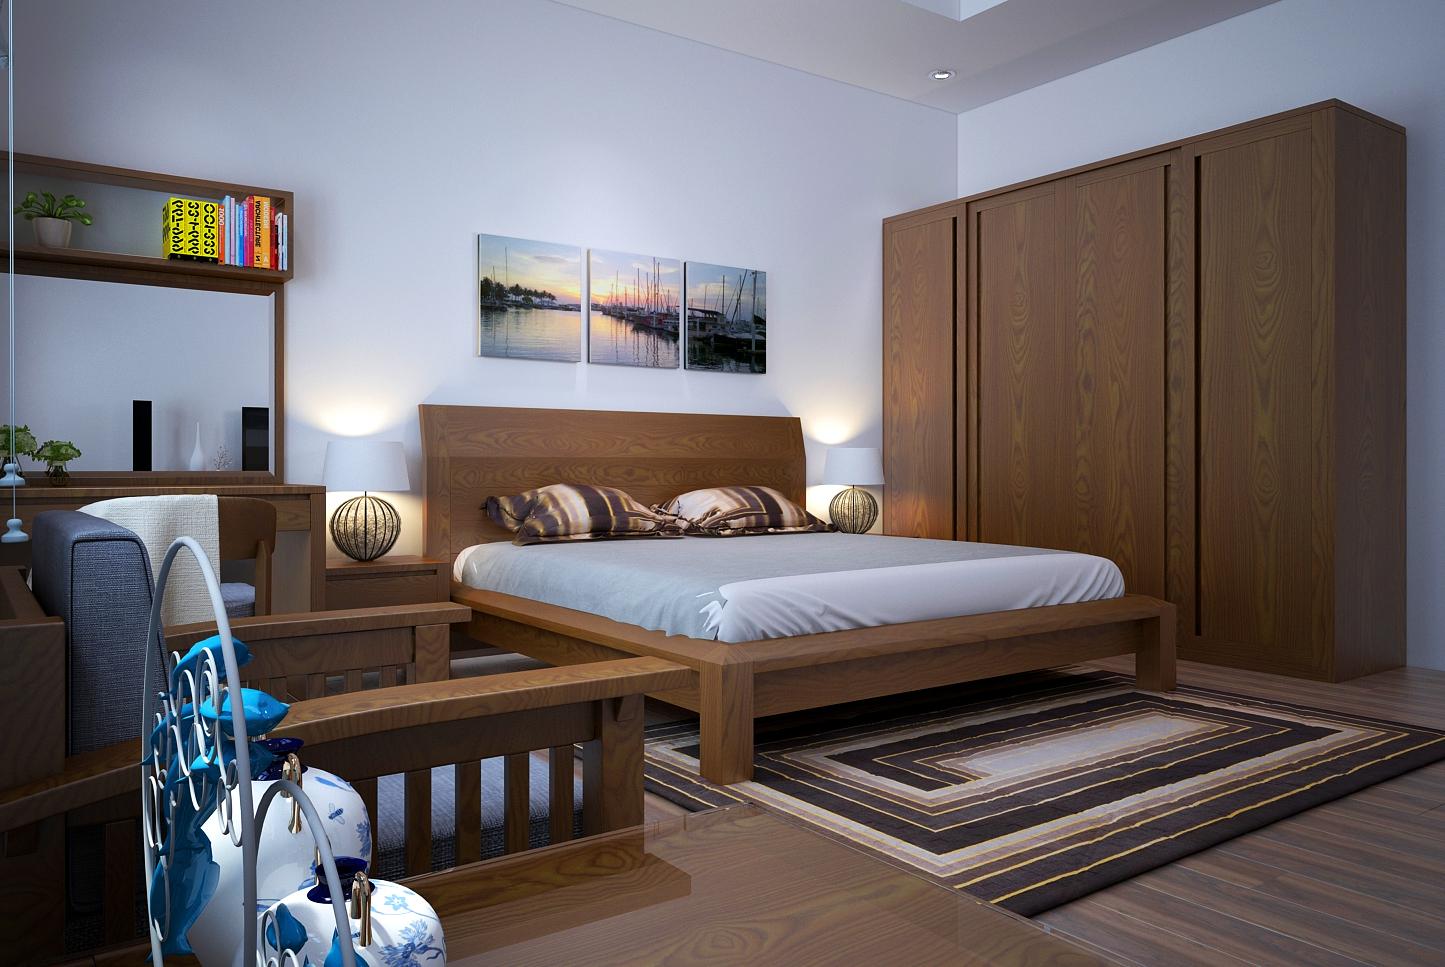 Thiết kế nội thất phòng ngủ theo phong thủy và theo tuổi